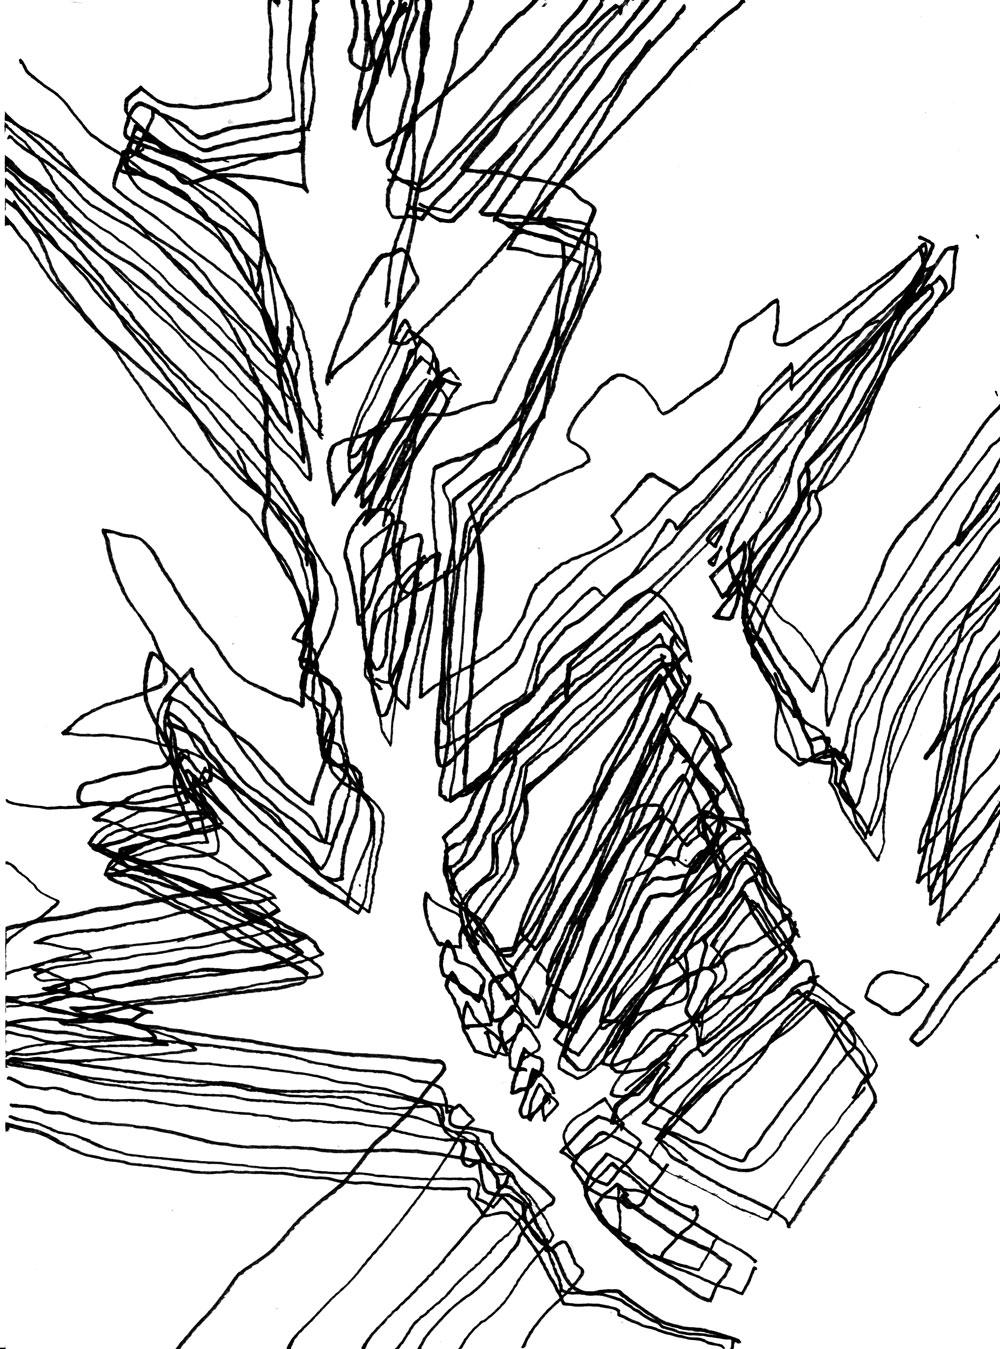 SKYGGETEGNING_03.jpg